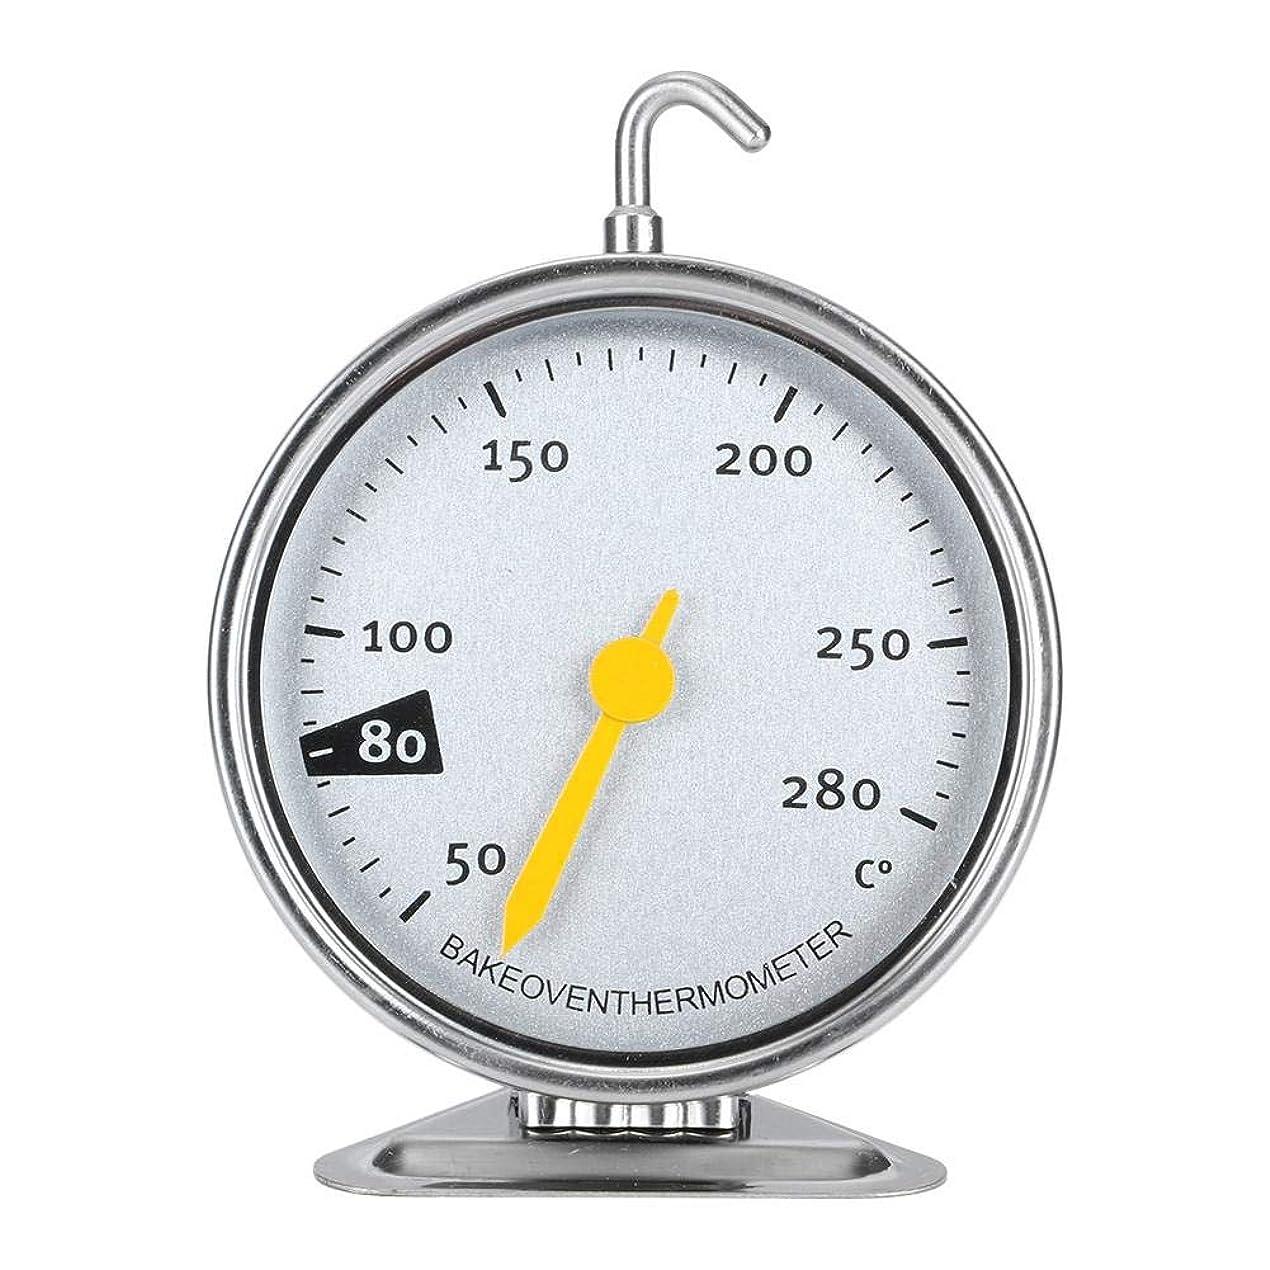 ユーモア異常カウントYIUS オーブングリル温度計ラージダイヤルオーブン温度計フック付きキッチン調理器具50?280℃ステンレス鋼BBQベーキング用